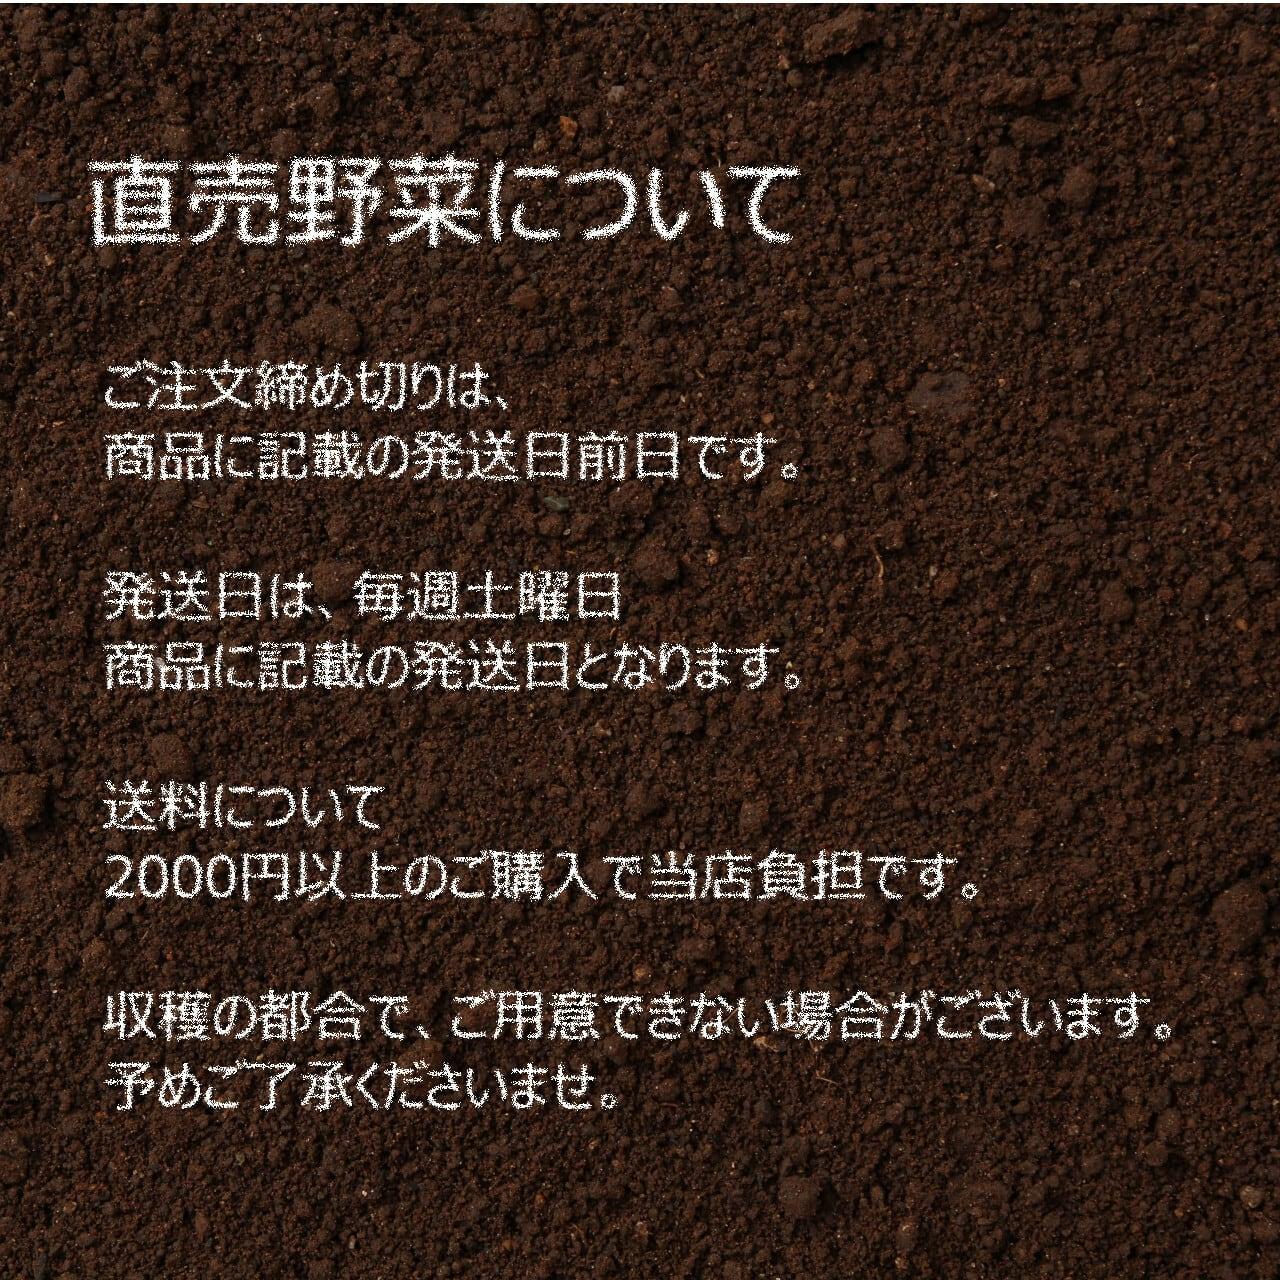 新鮮な秋野菜 : オクラ 約100g 9月の朝採り直売野菜 9月26日発送予定